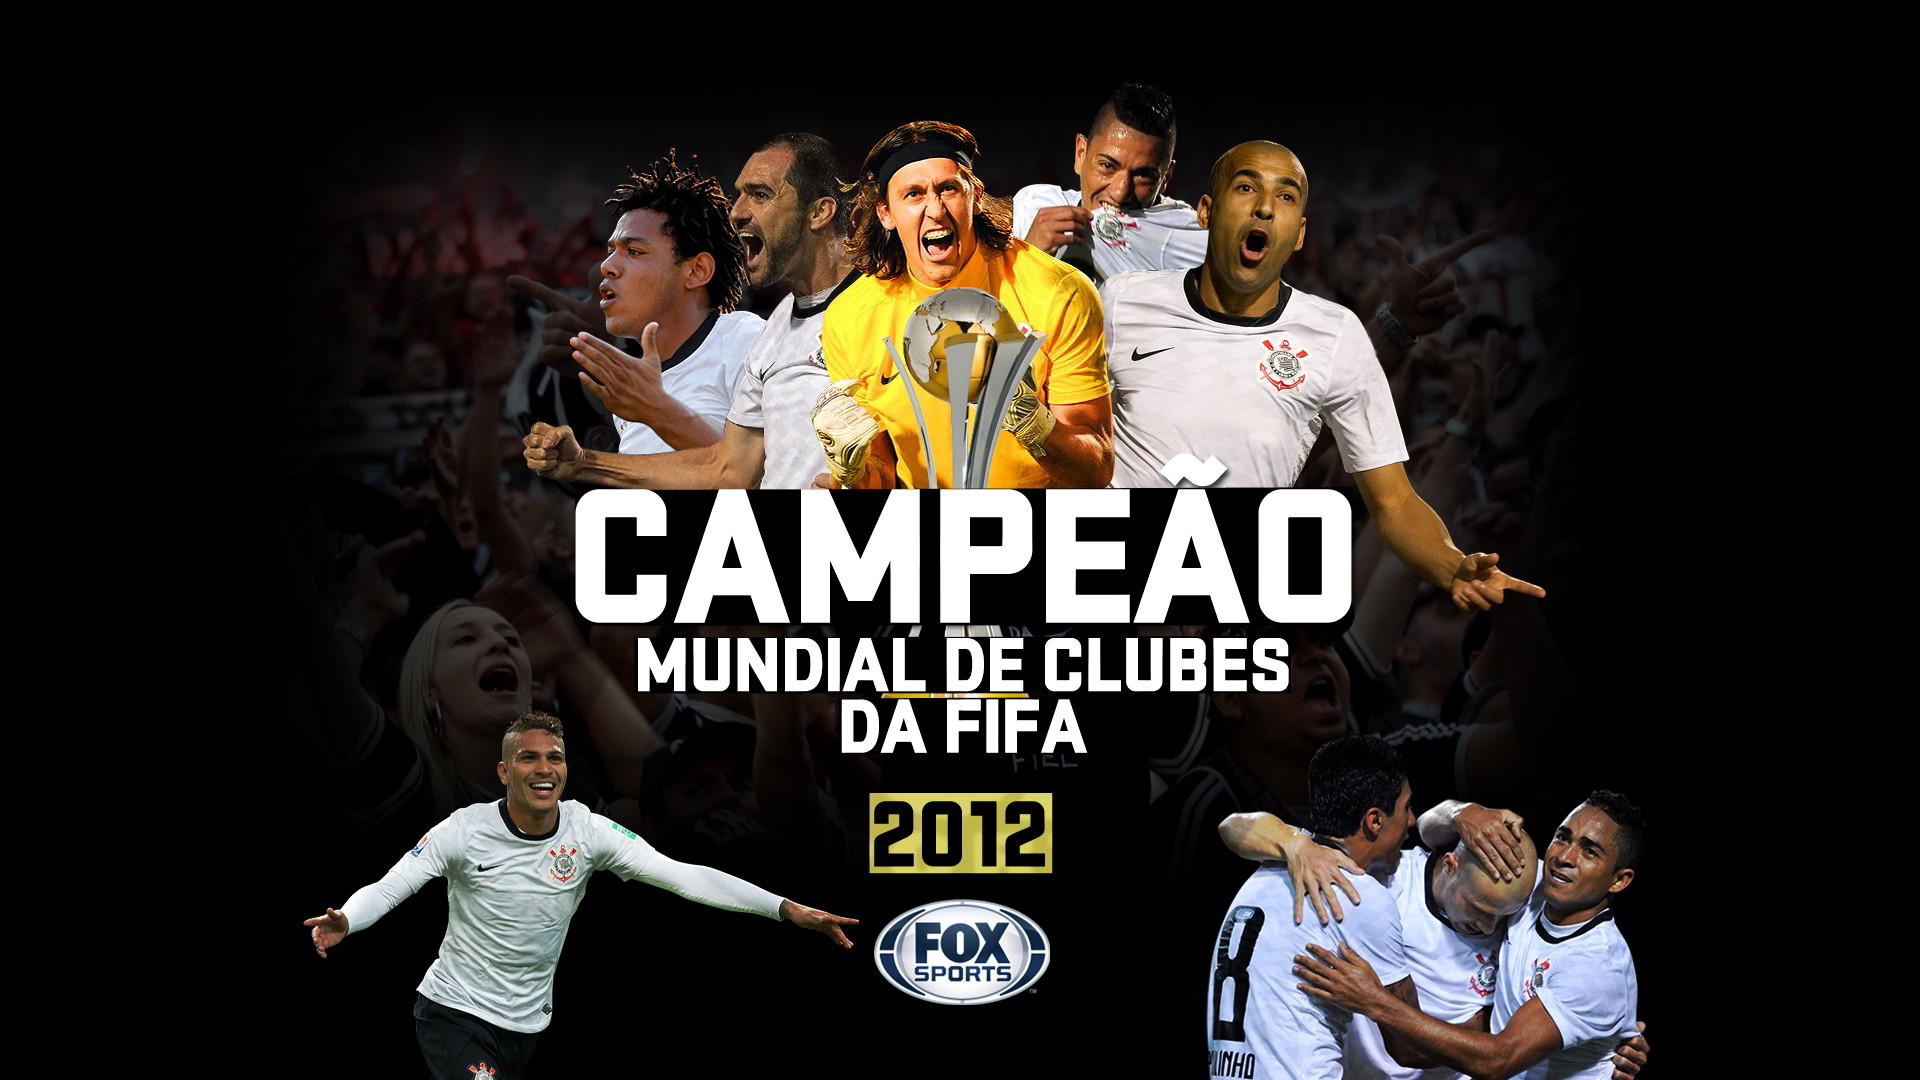 Palmeiras nao tem mundial - 3 part 3